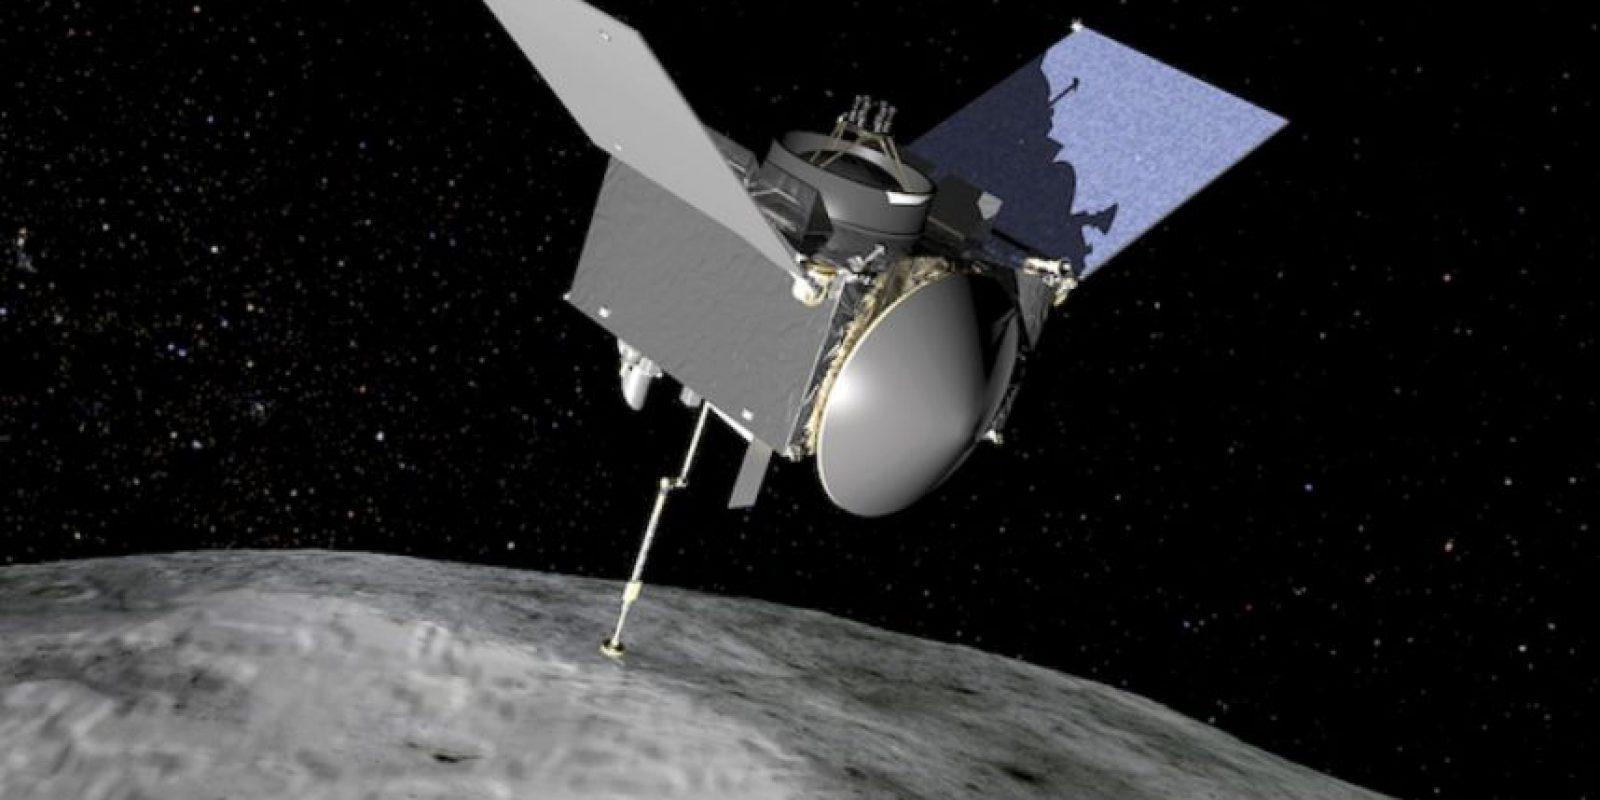 El asteroide podría estrellarse con la Tierra en el próximo siglo Foto:NASA